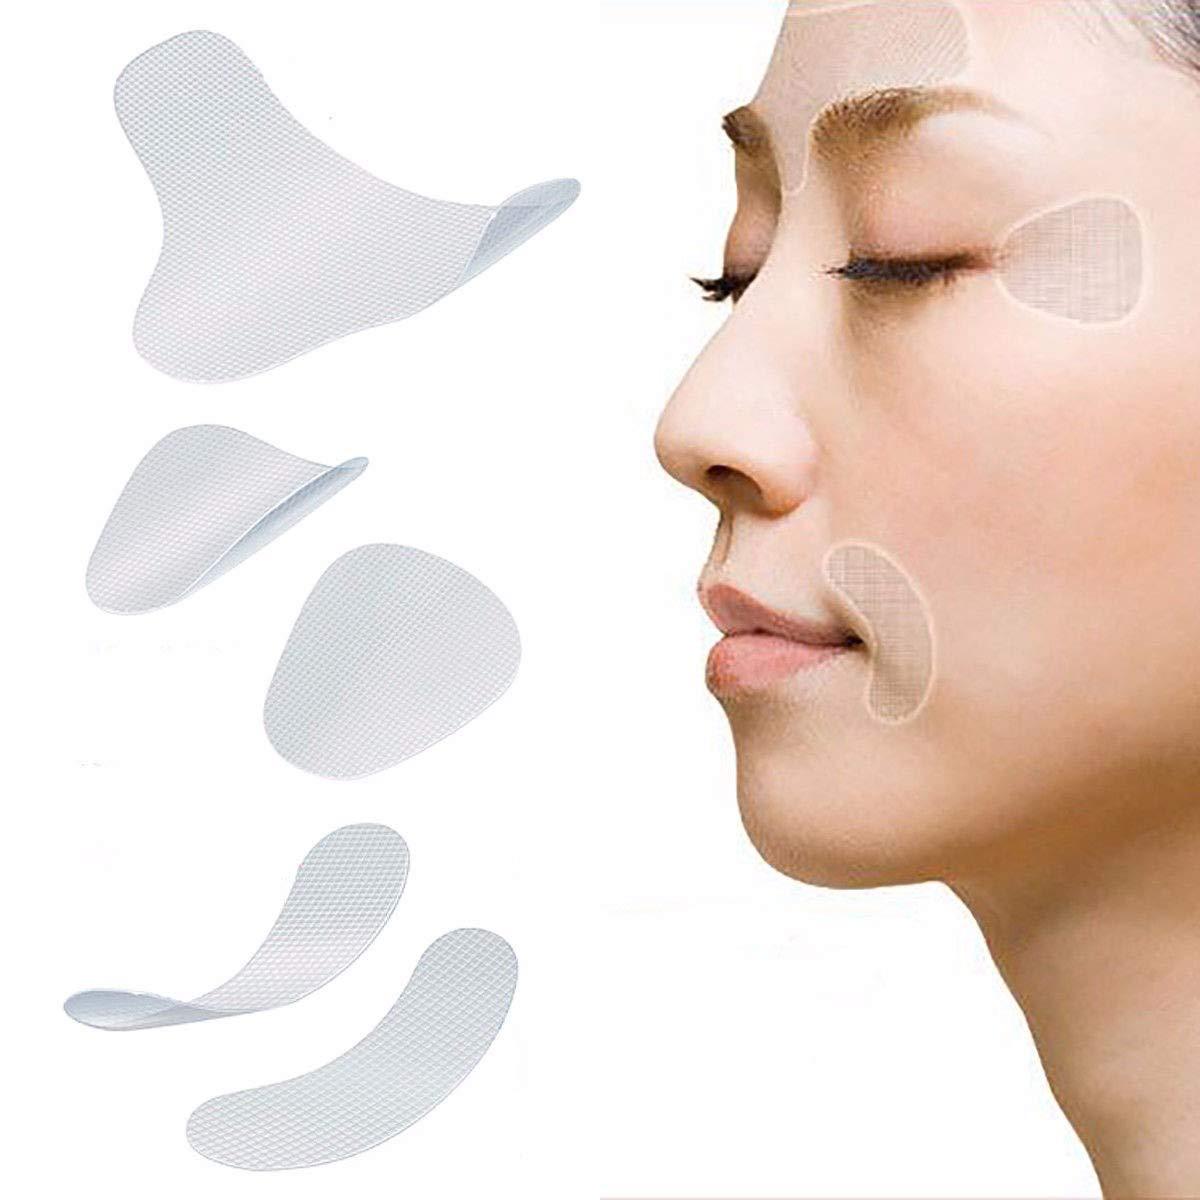 Viso Wrinkle Remover strisce viso rughe Impiattare toppe collo nastro rughe pastiglie YMCHE